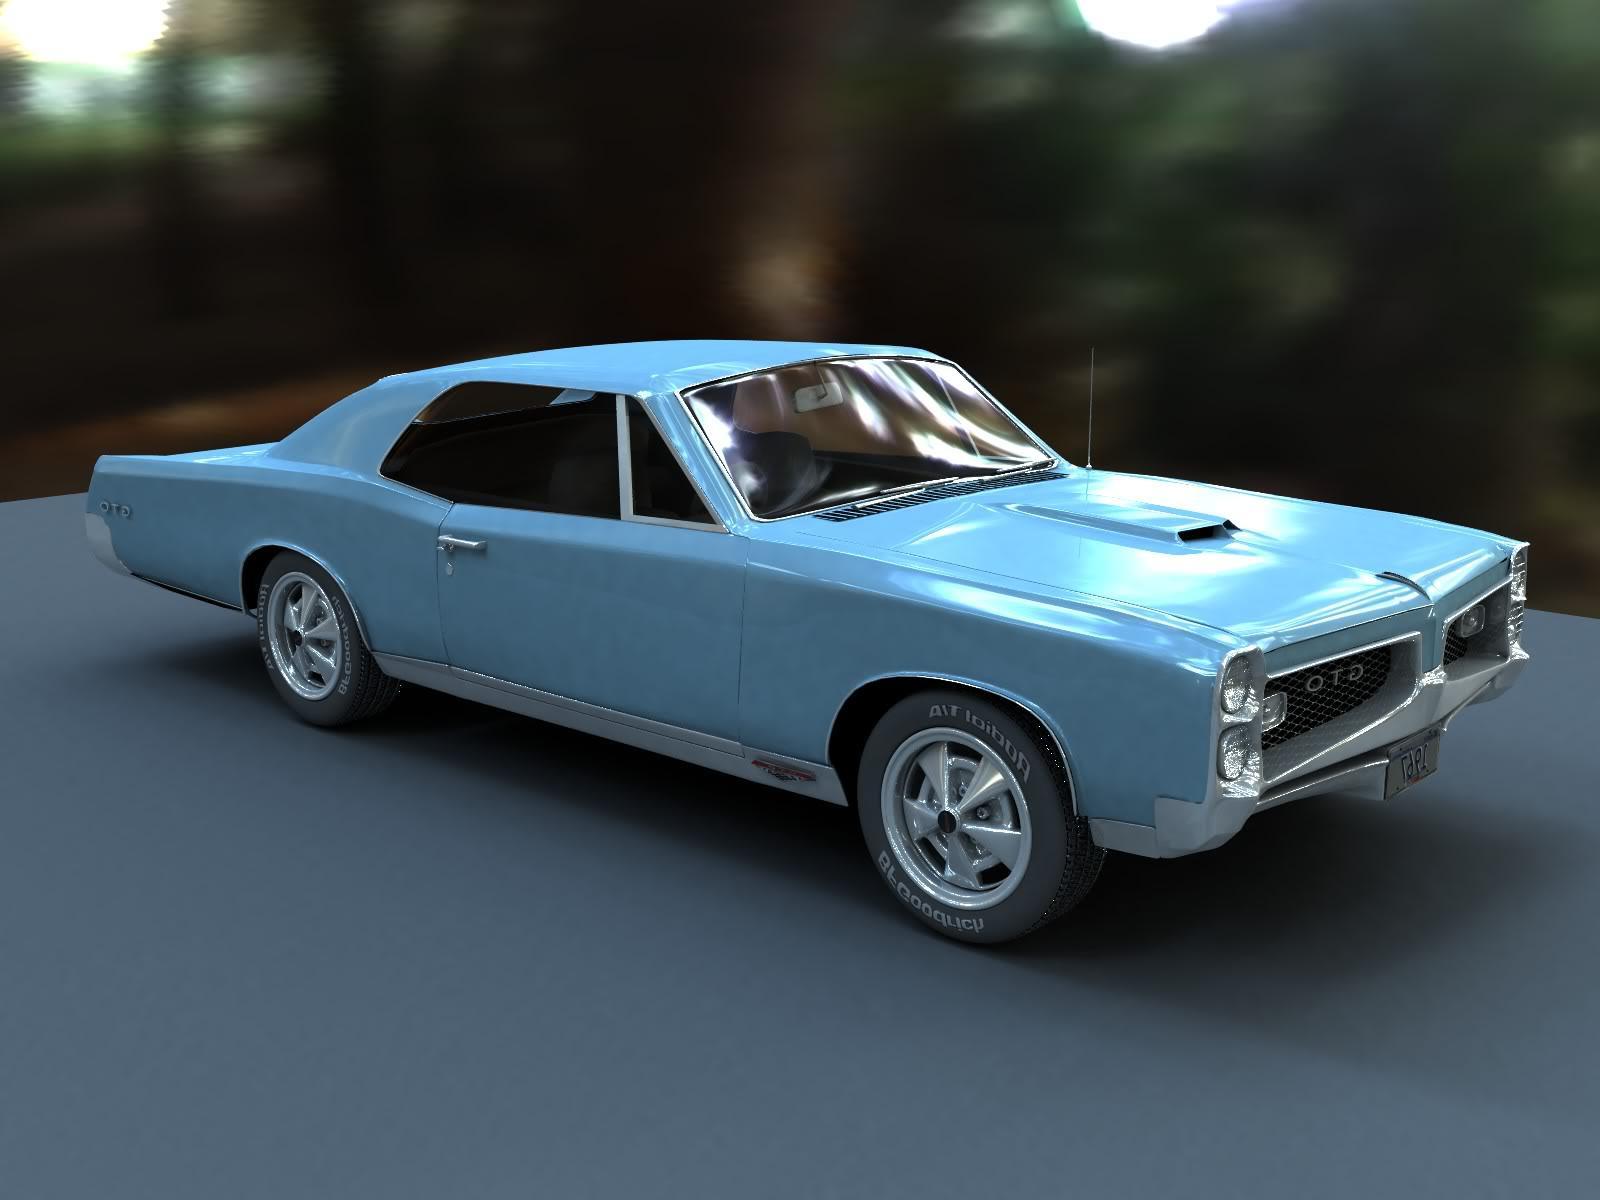 1967 GTO  update pg 2